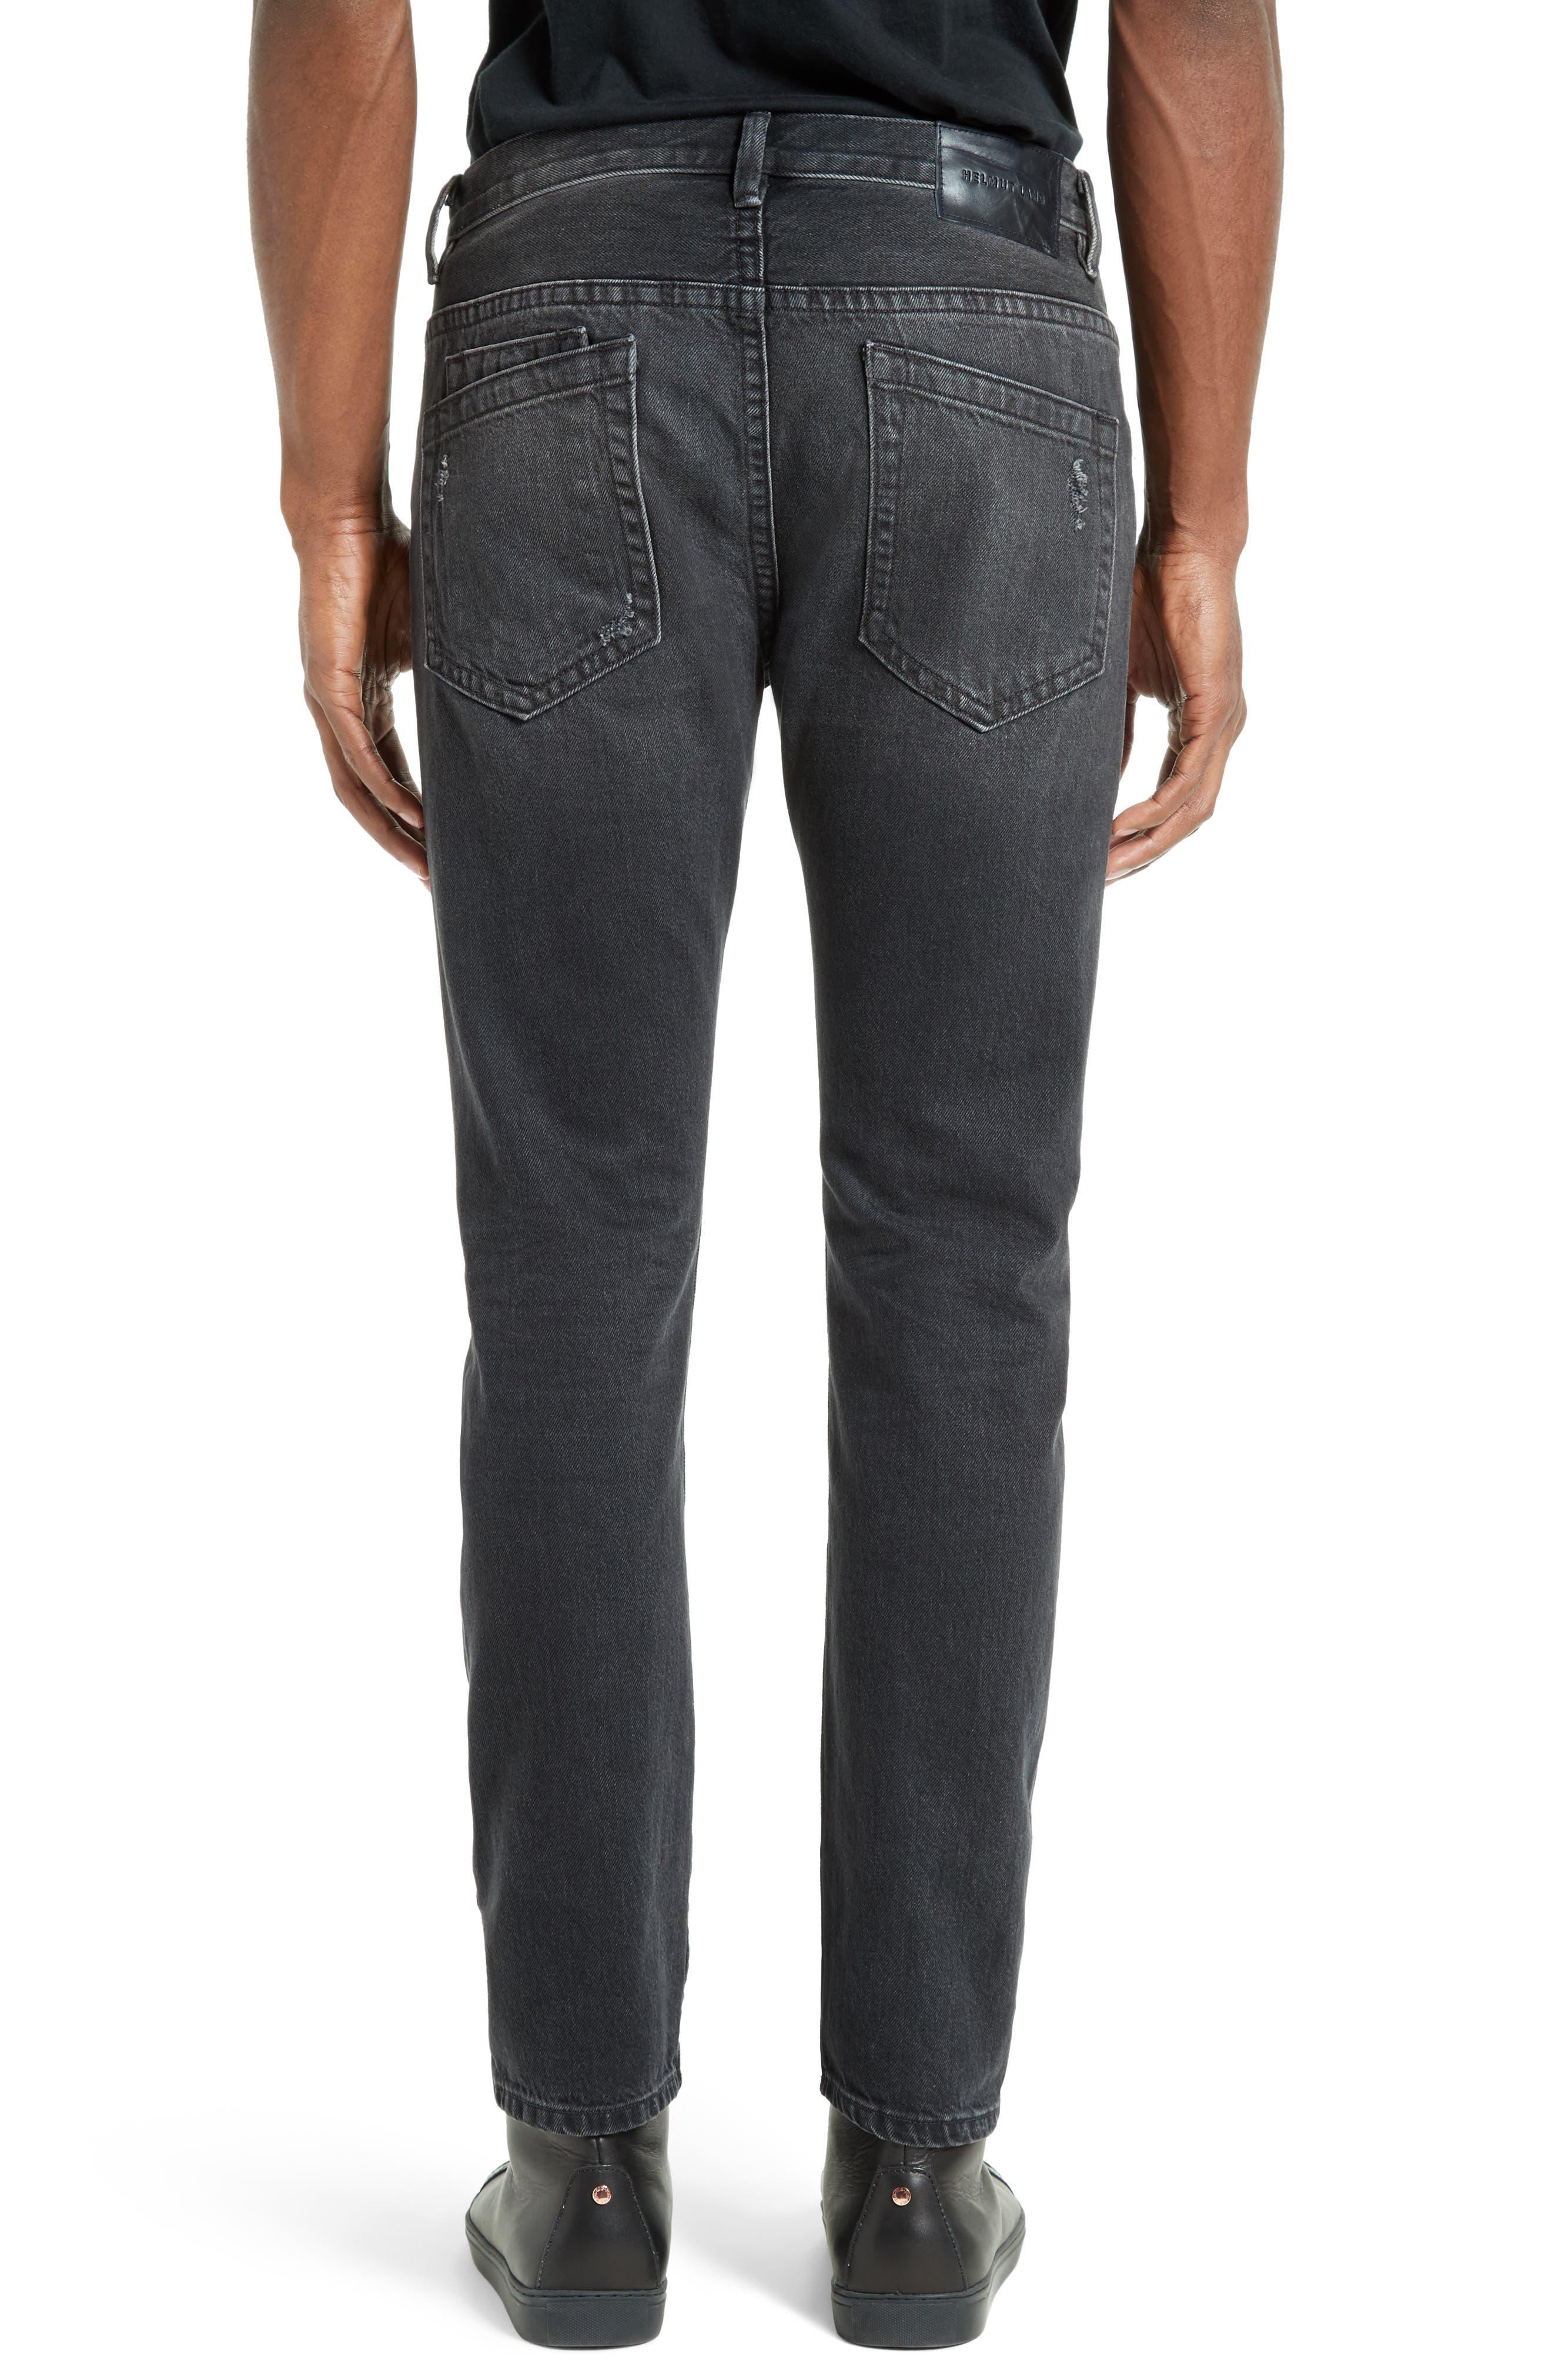 MR87 Destroyed Jeans,                             Alternate thumbnail 2, color,                             Black